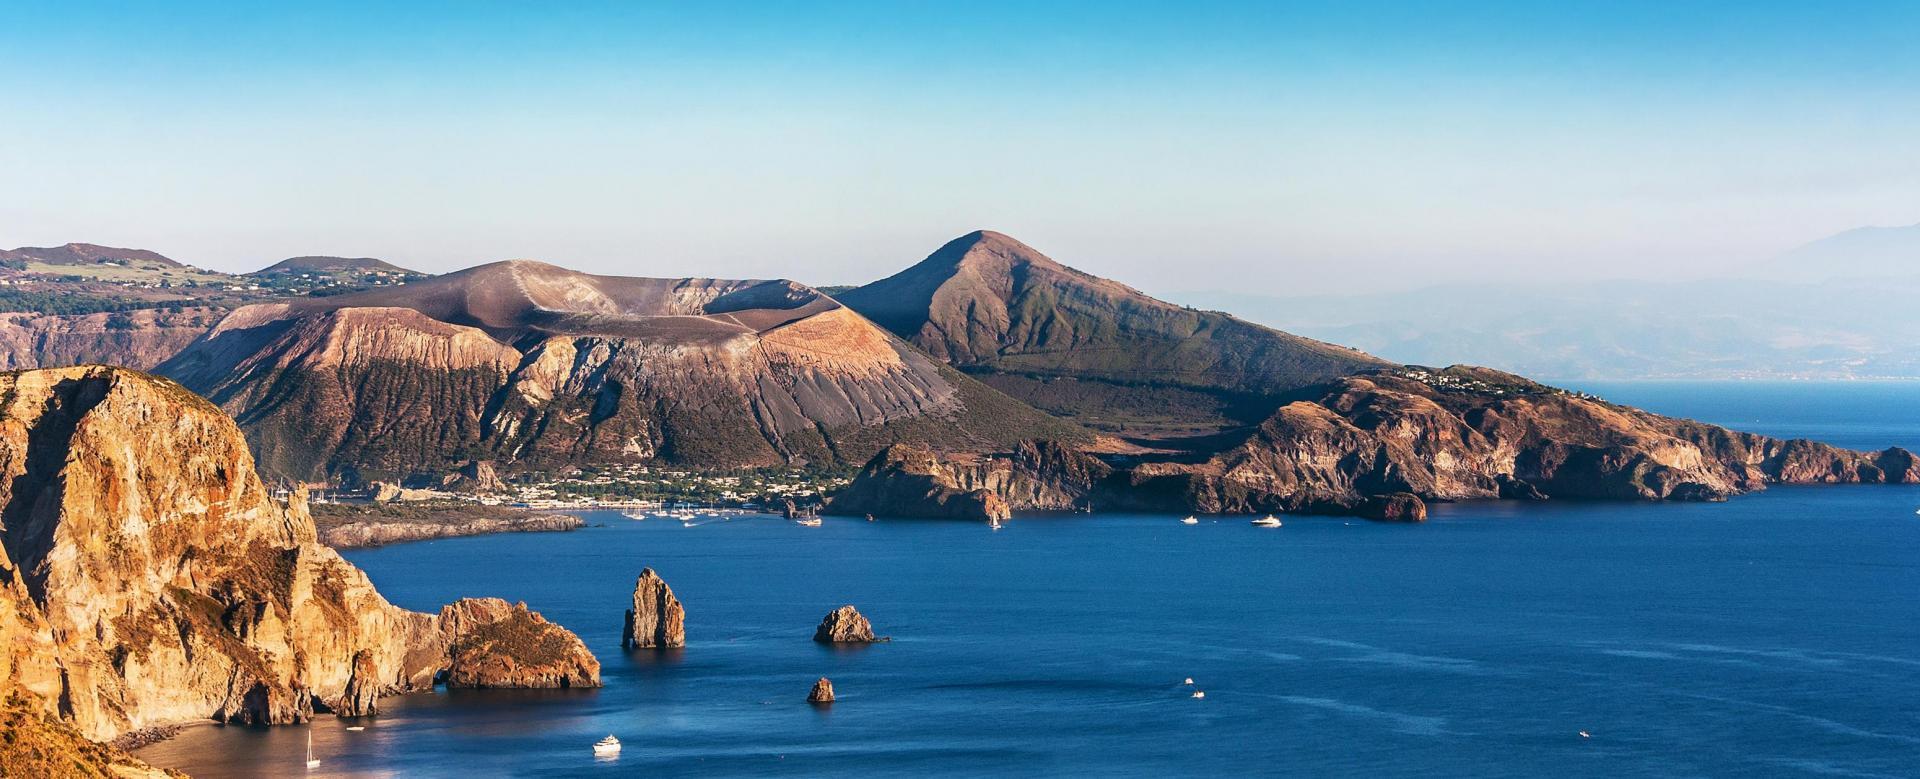 Voyage à pied : Des volcans et des dieux